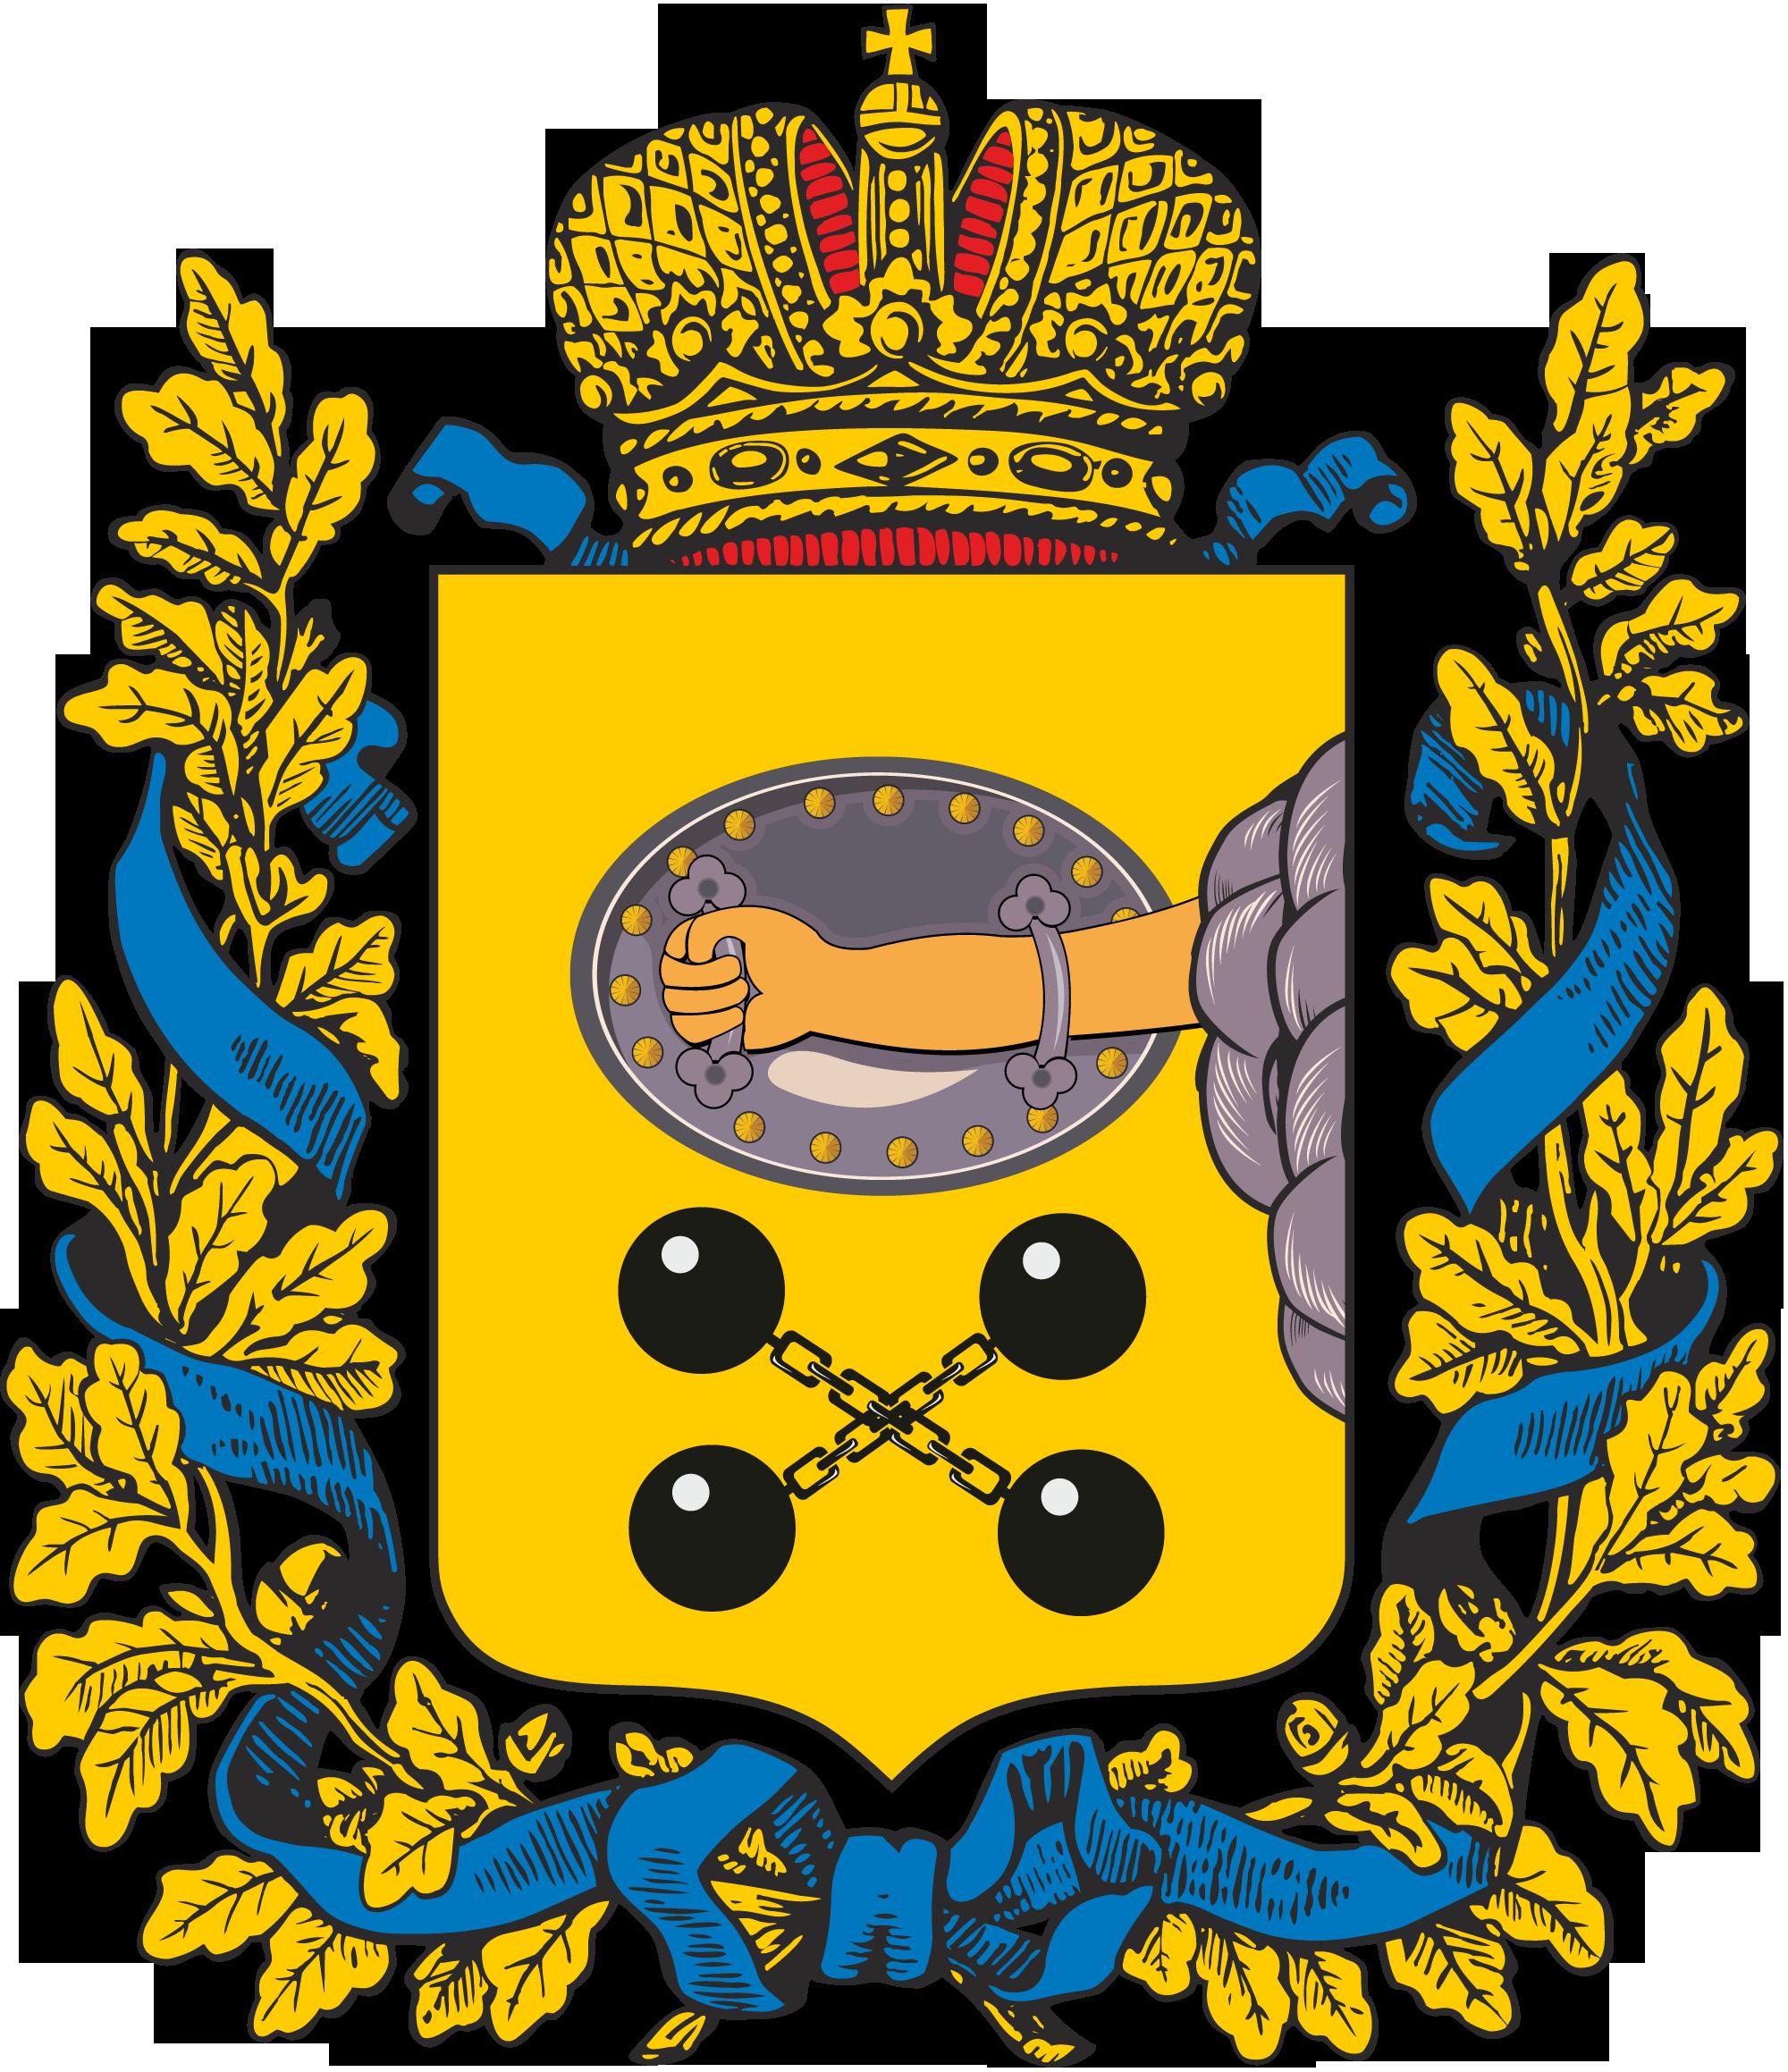 Олонецкая губерния - герб